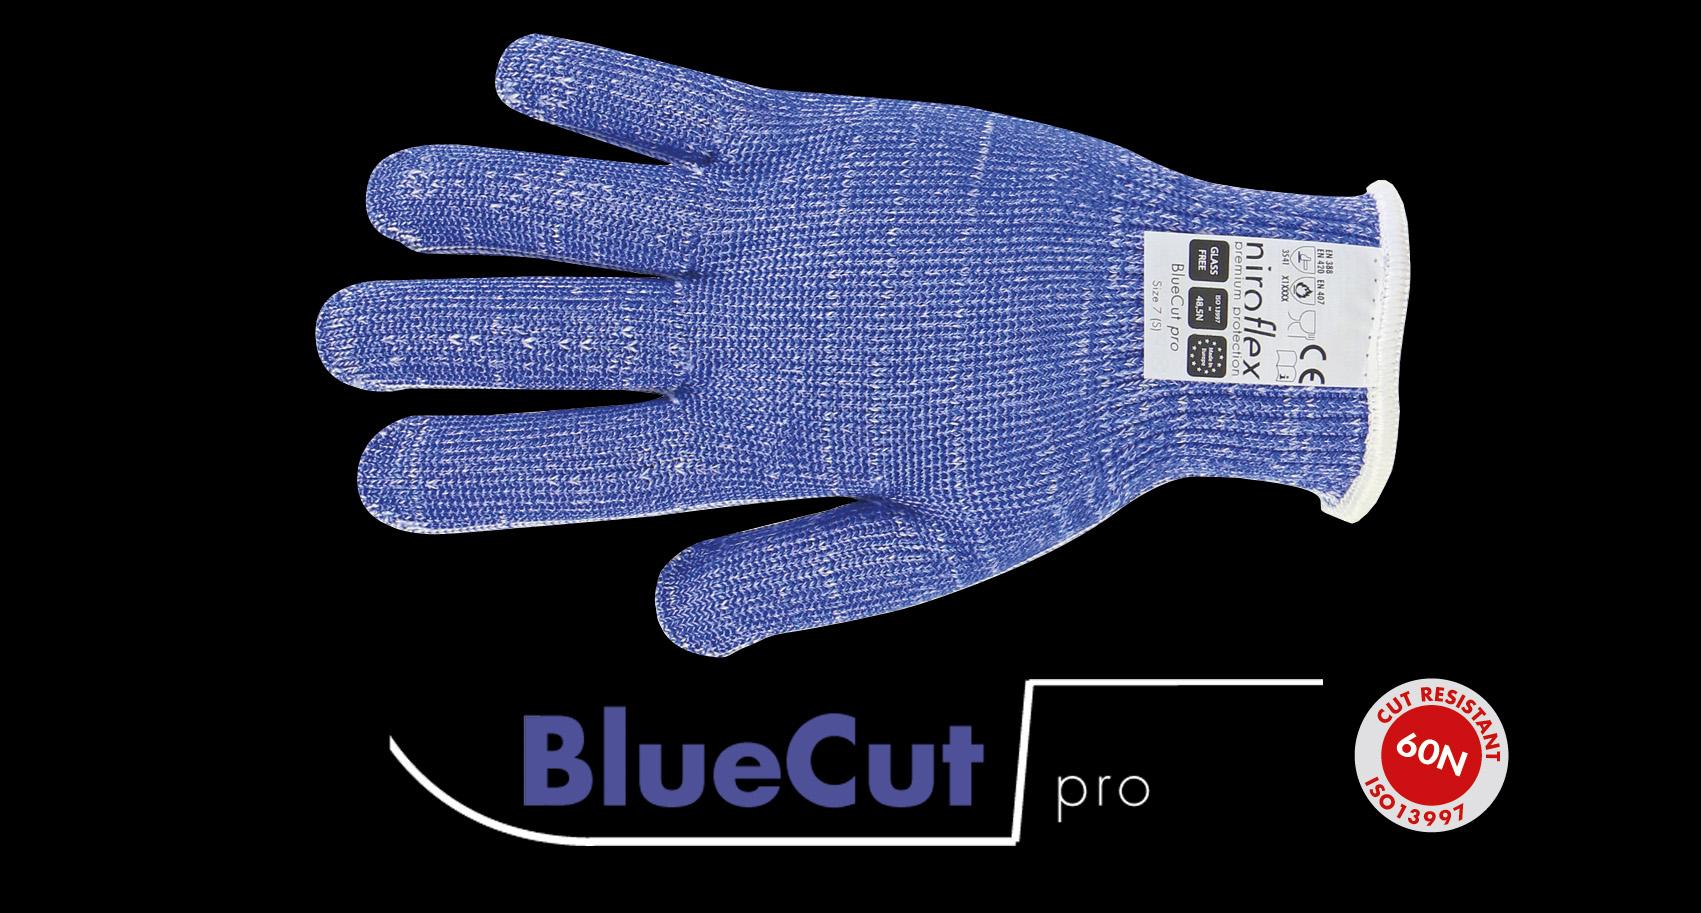 BlueCut pro / armguard / lite / lite x